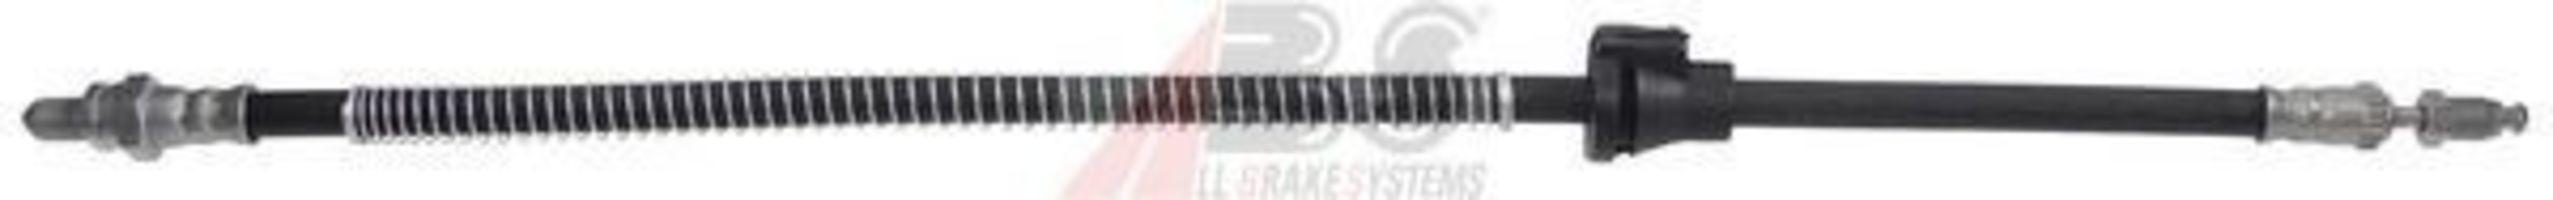 Шланг тормозной A.B.S. SL 4905